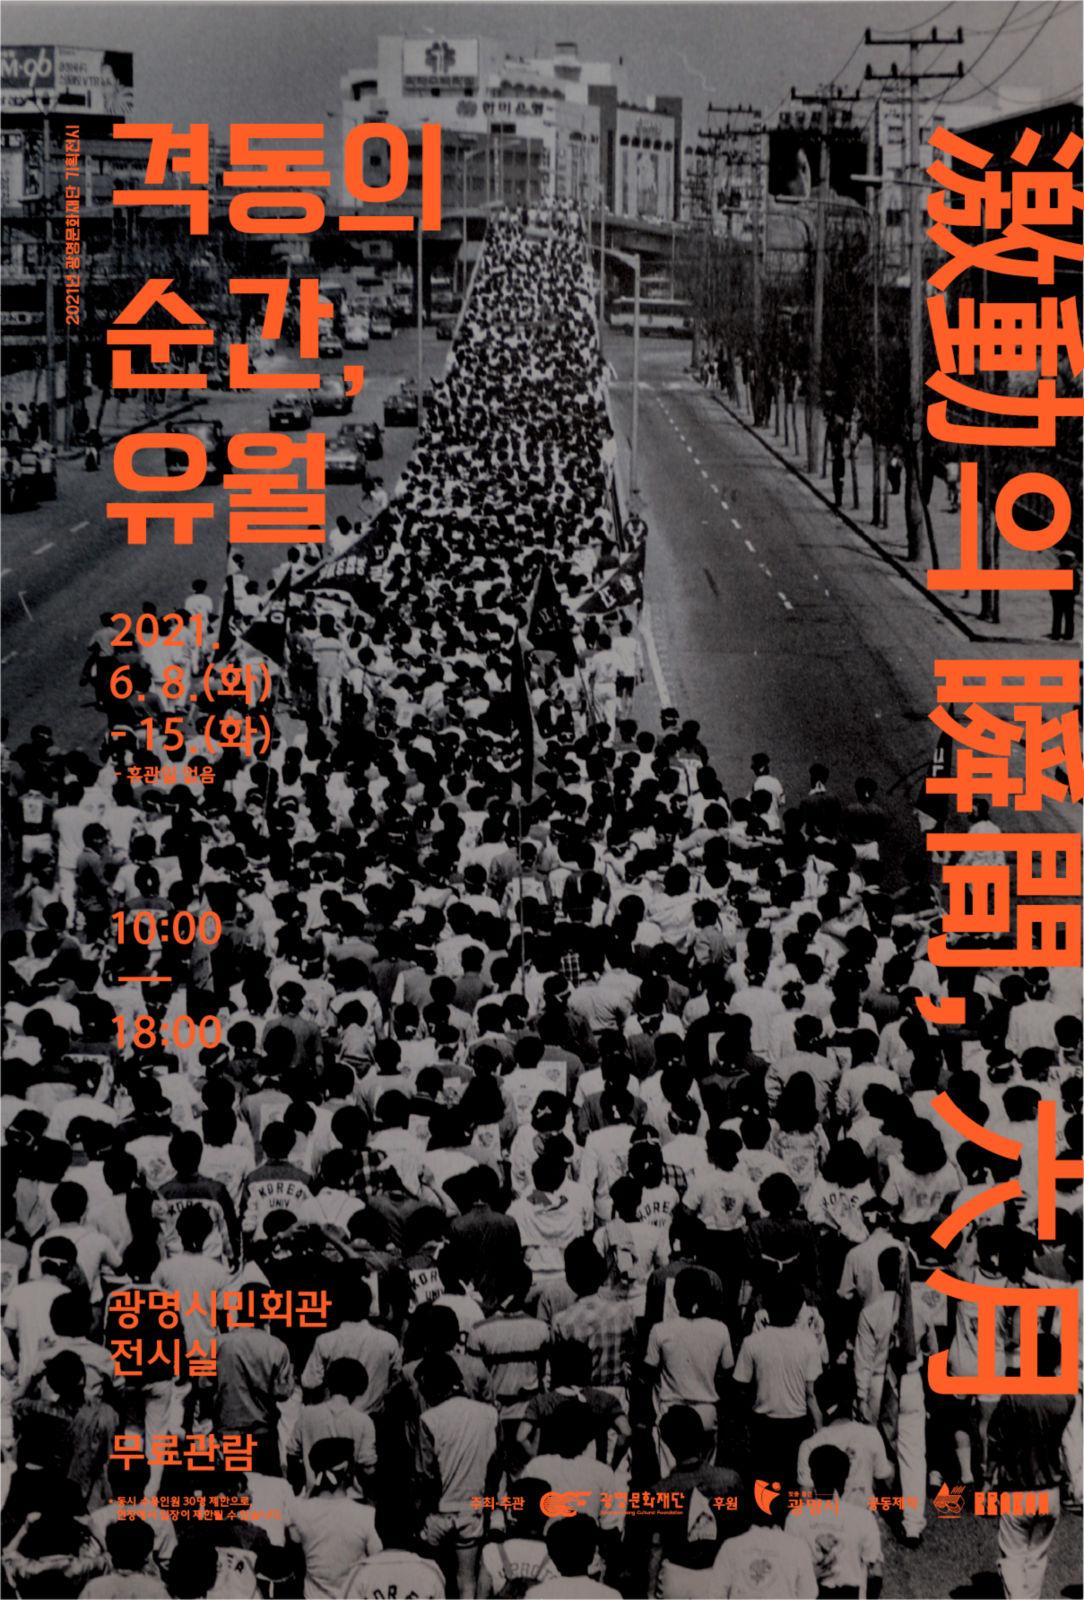 2021년 광명문화재단 기획전시 <격동의 순간, 유월>